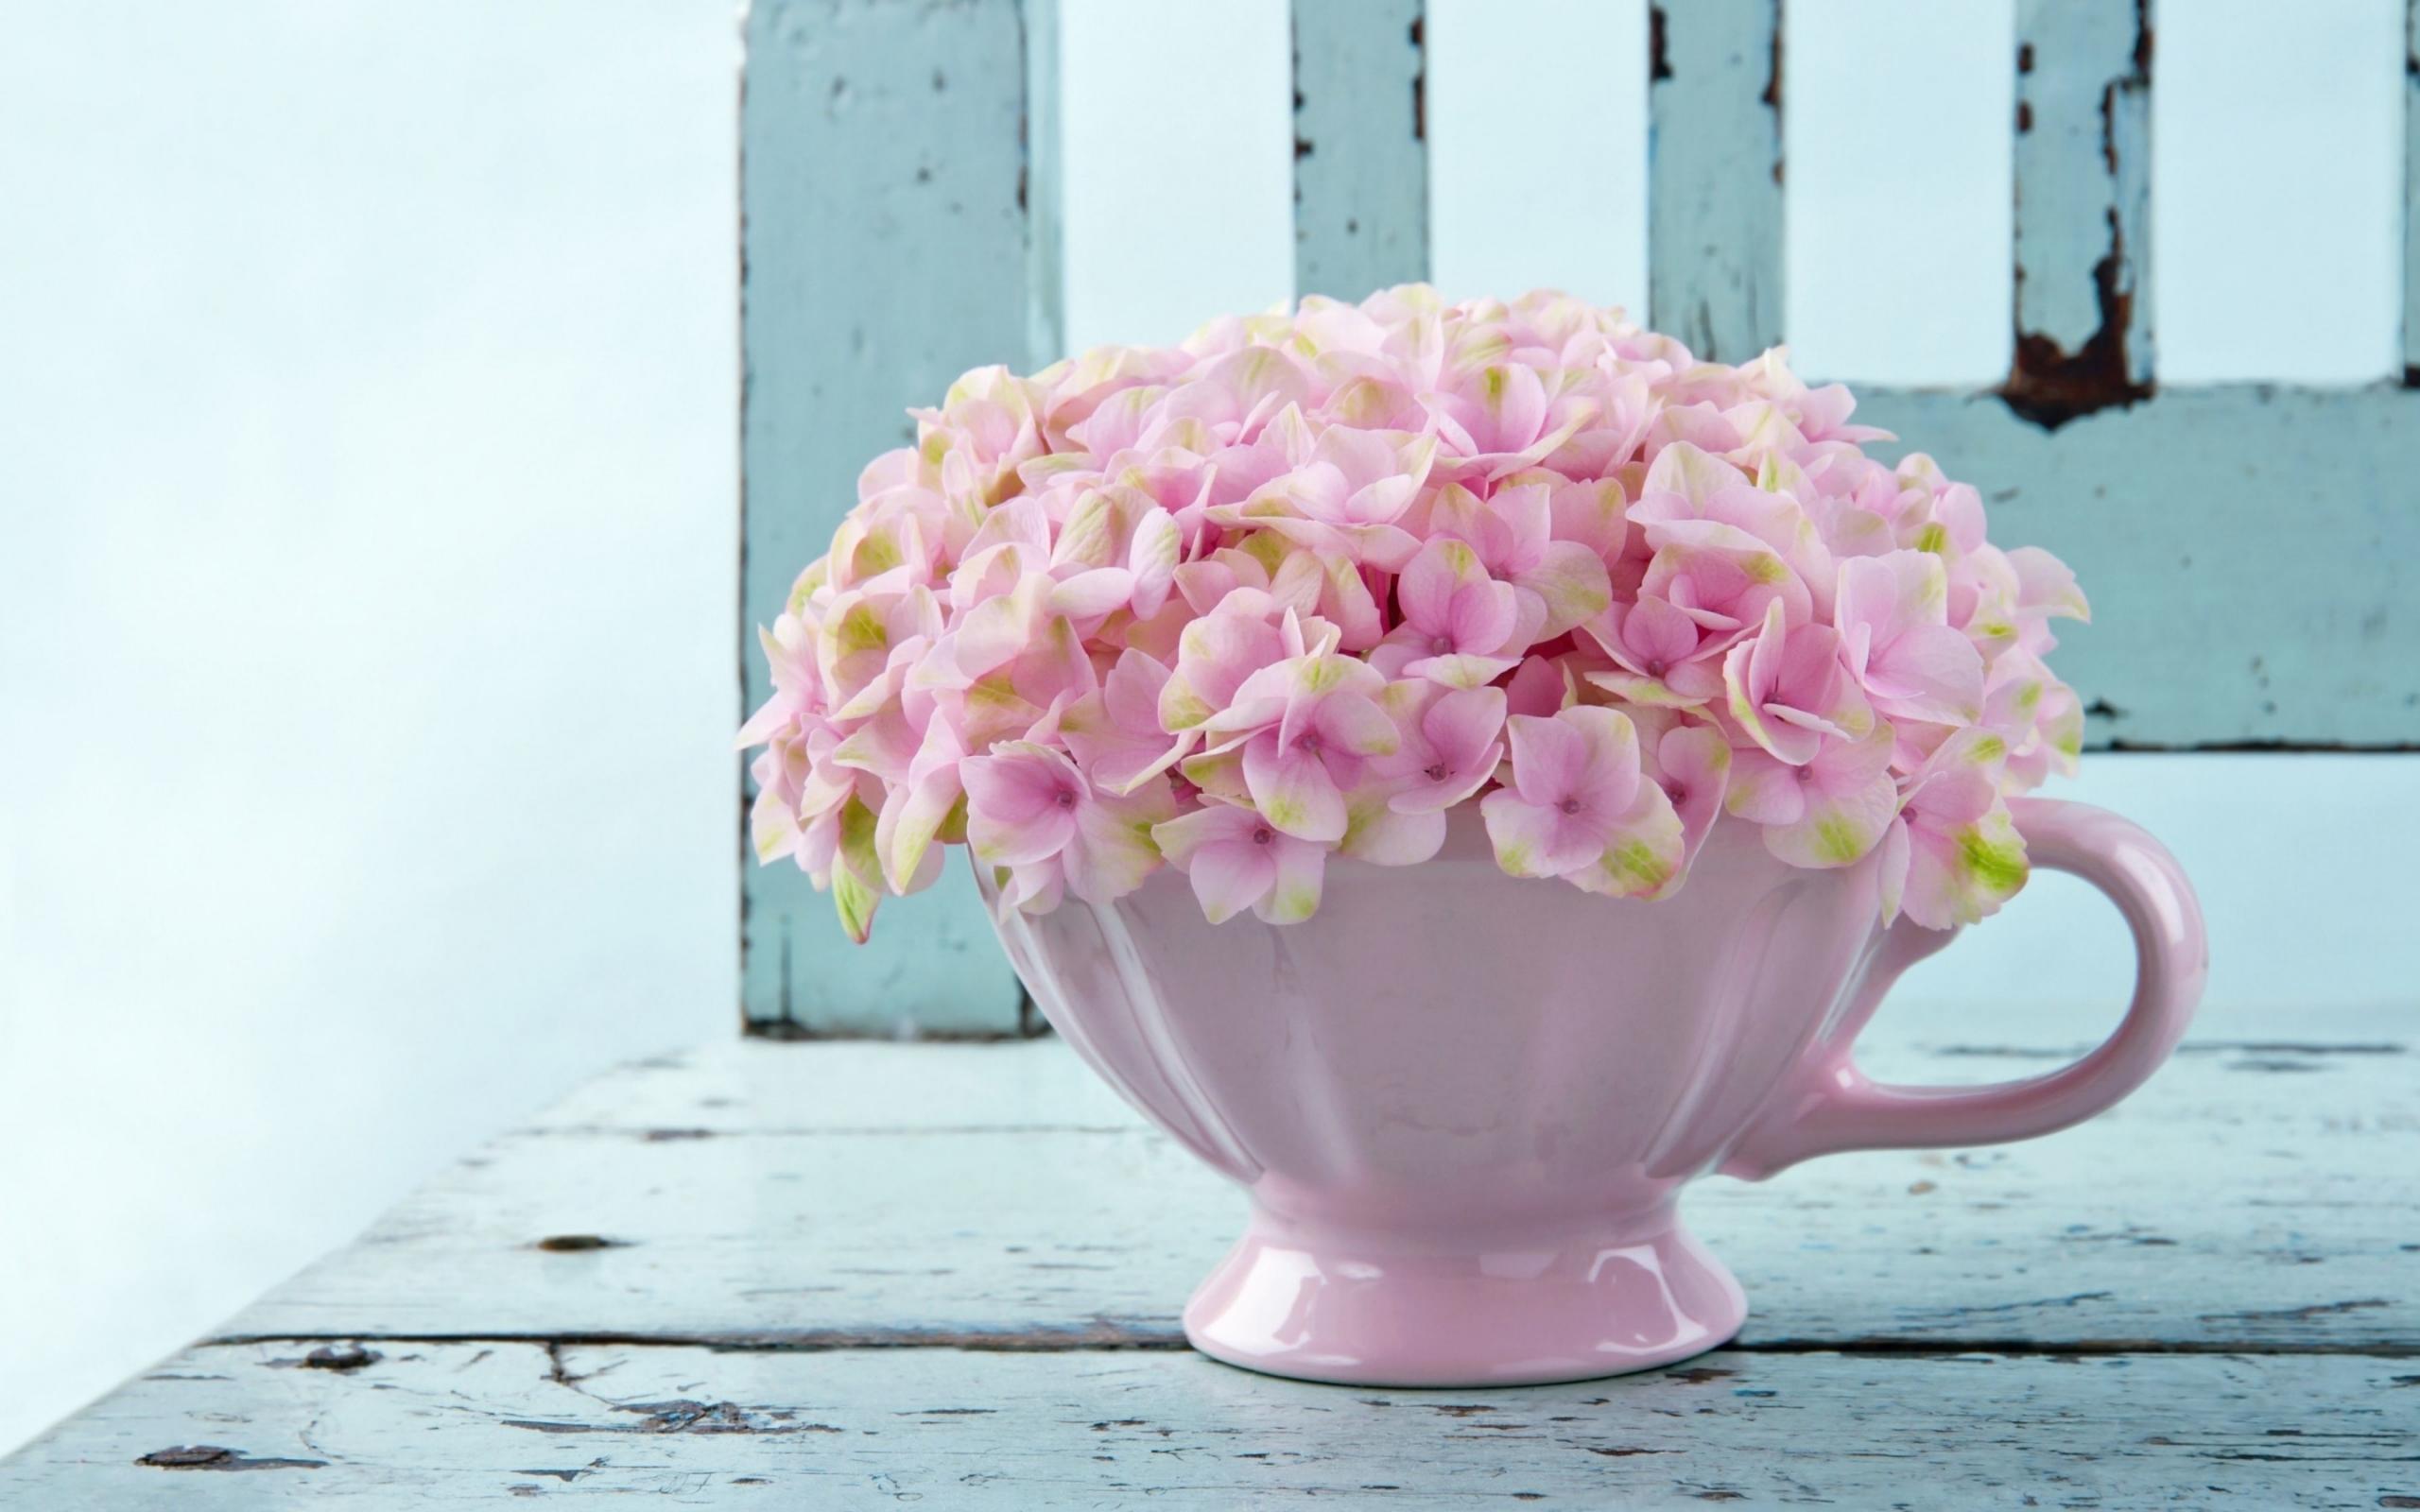 38953 скачать обои Растения, Цветы, Букеты - заставки и картинки бесплатно